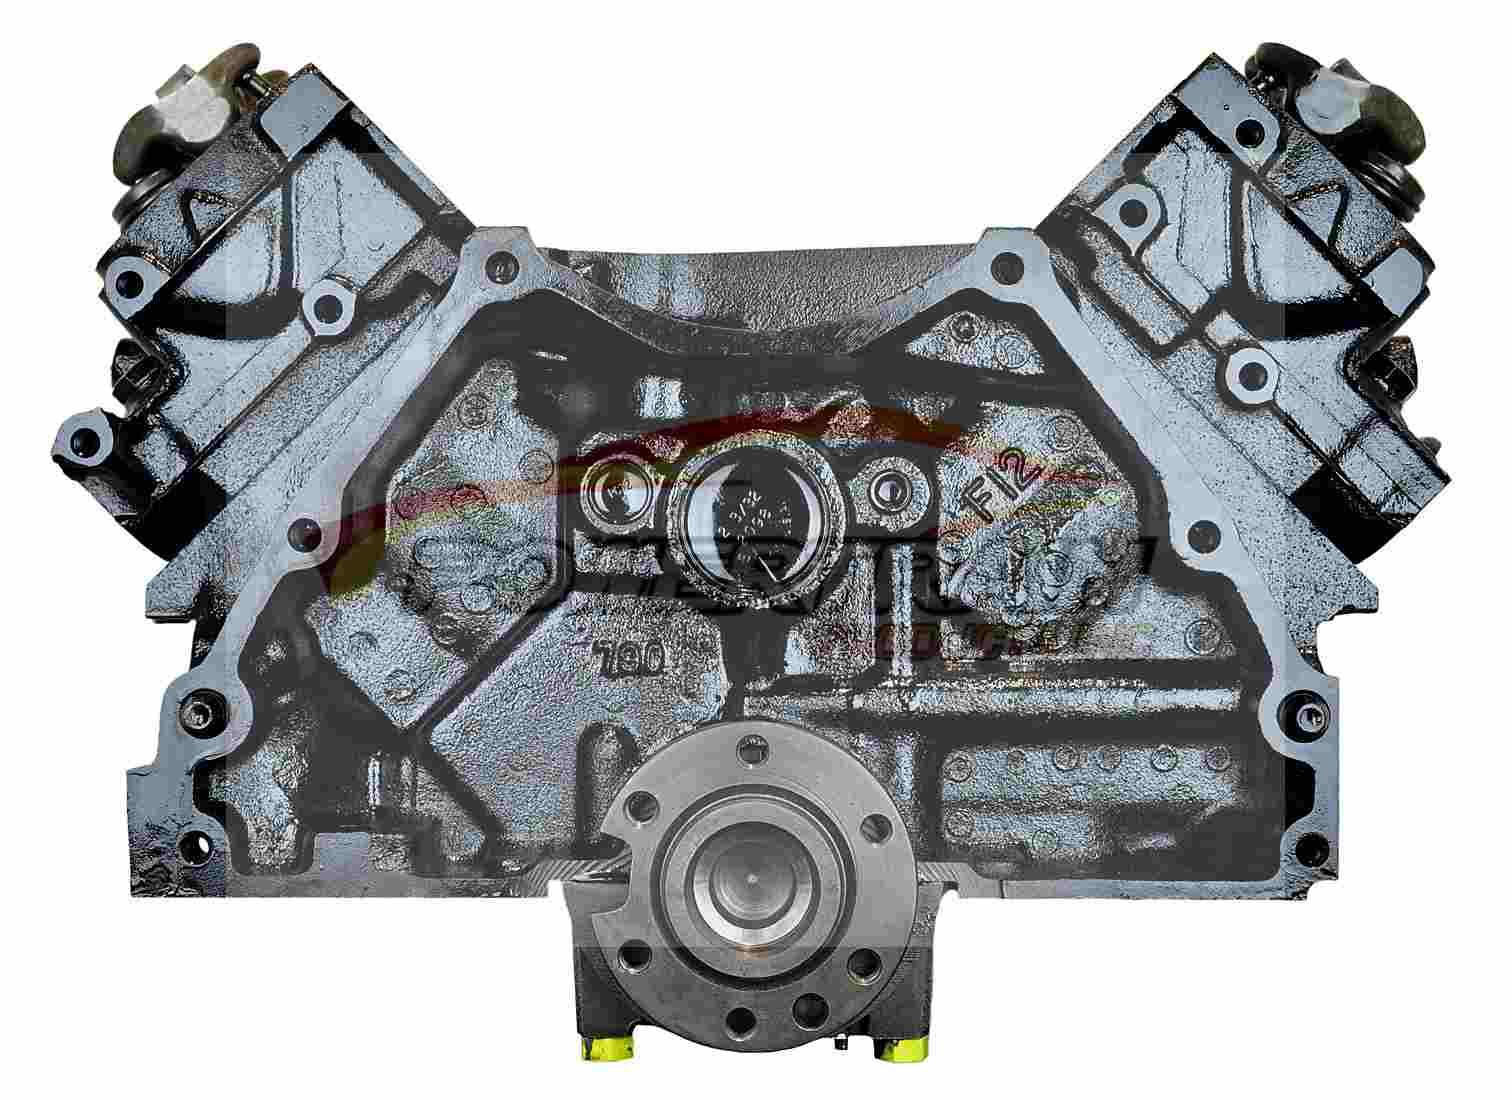 Chevy 307 50 V8 Engine 85 90